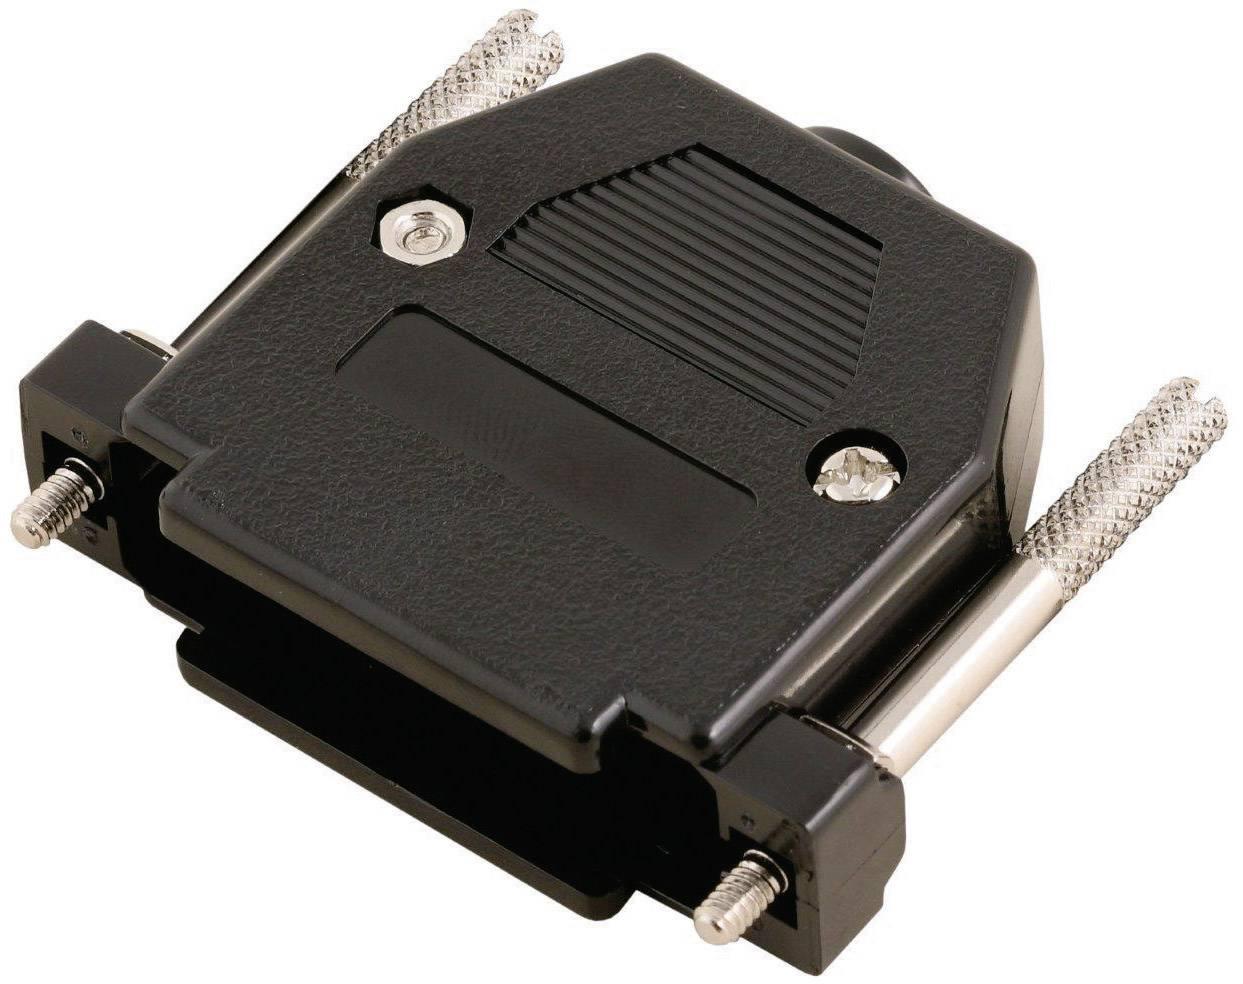 D-SUB púzdro MH Connectors 2360-0102-23 2360-0102-23, počet pinov: 25, plast, 180 °, čierna, 1 ks